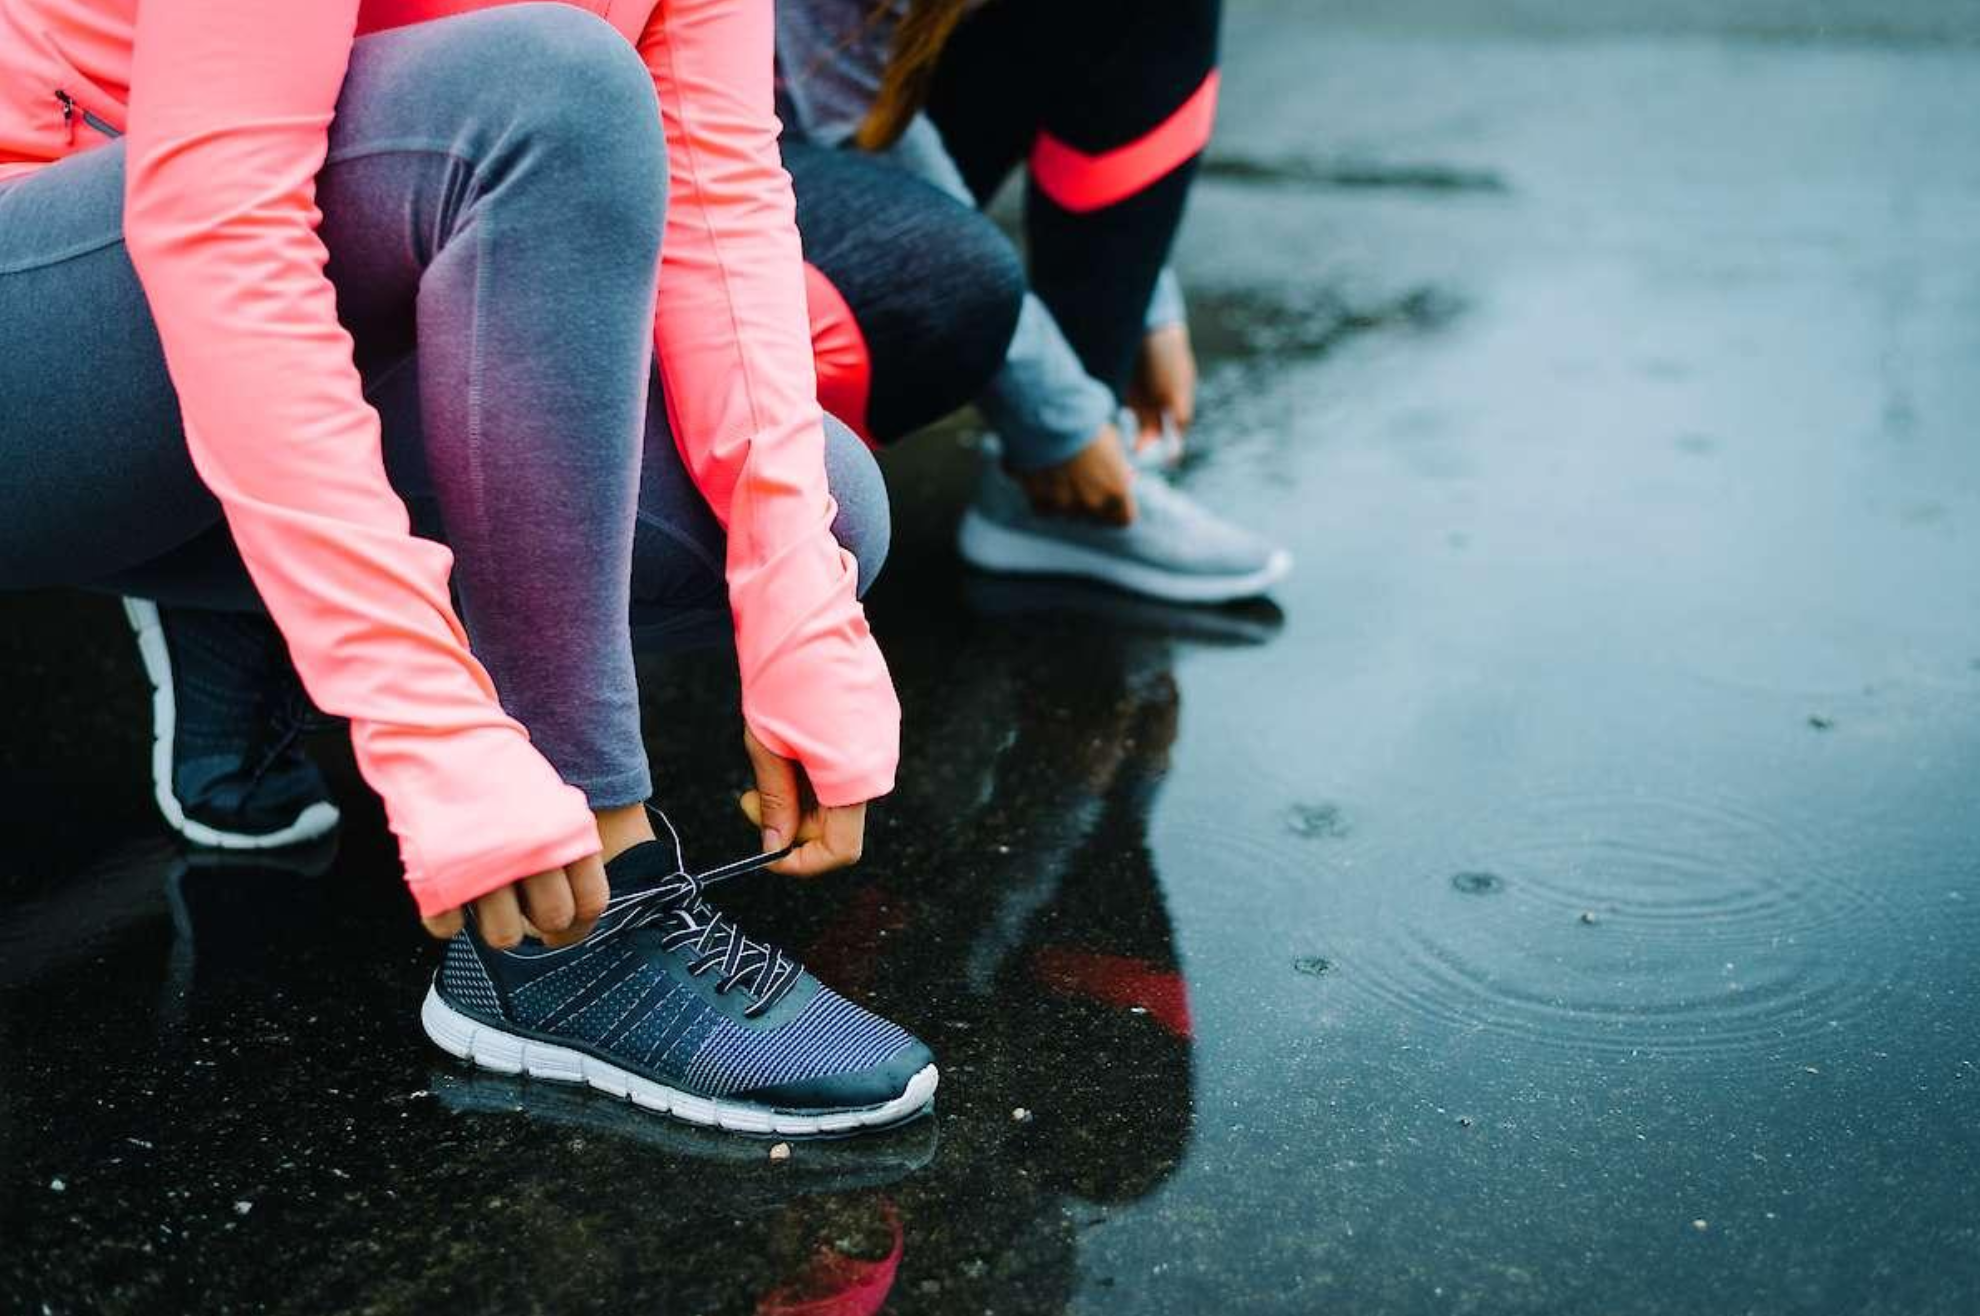 e29f7094c00 Bästa skorna för olika aktiviteter | MåBra